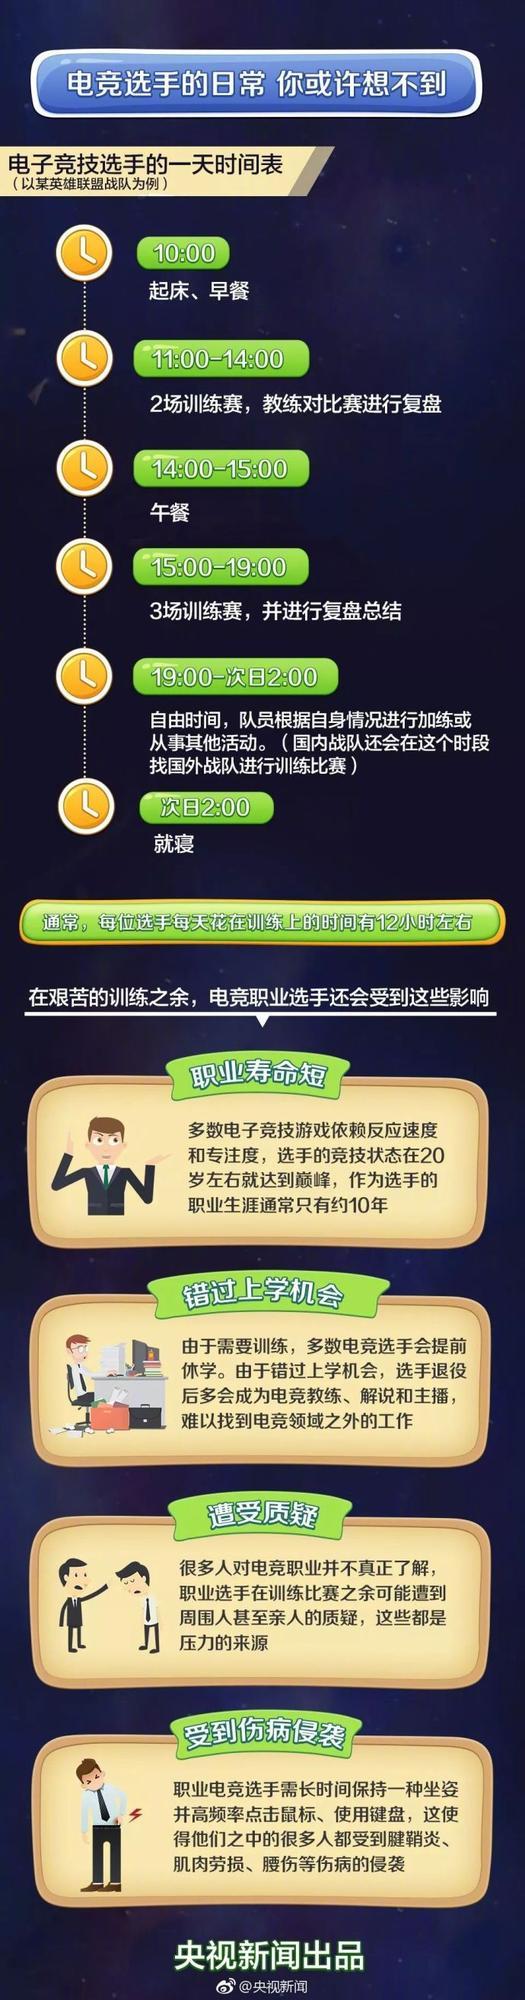 央视新闻助力电竞国家队出征亚运会 发布长图介绍电竞